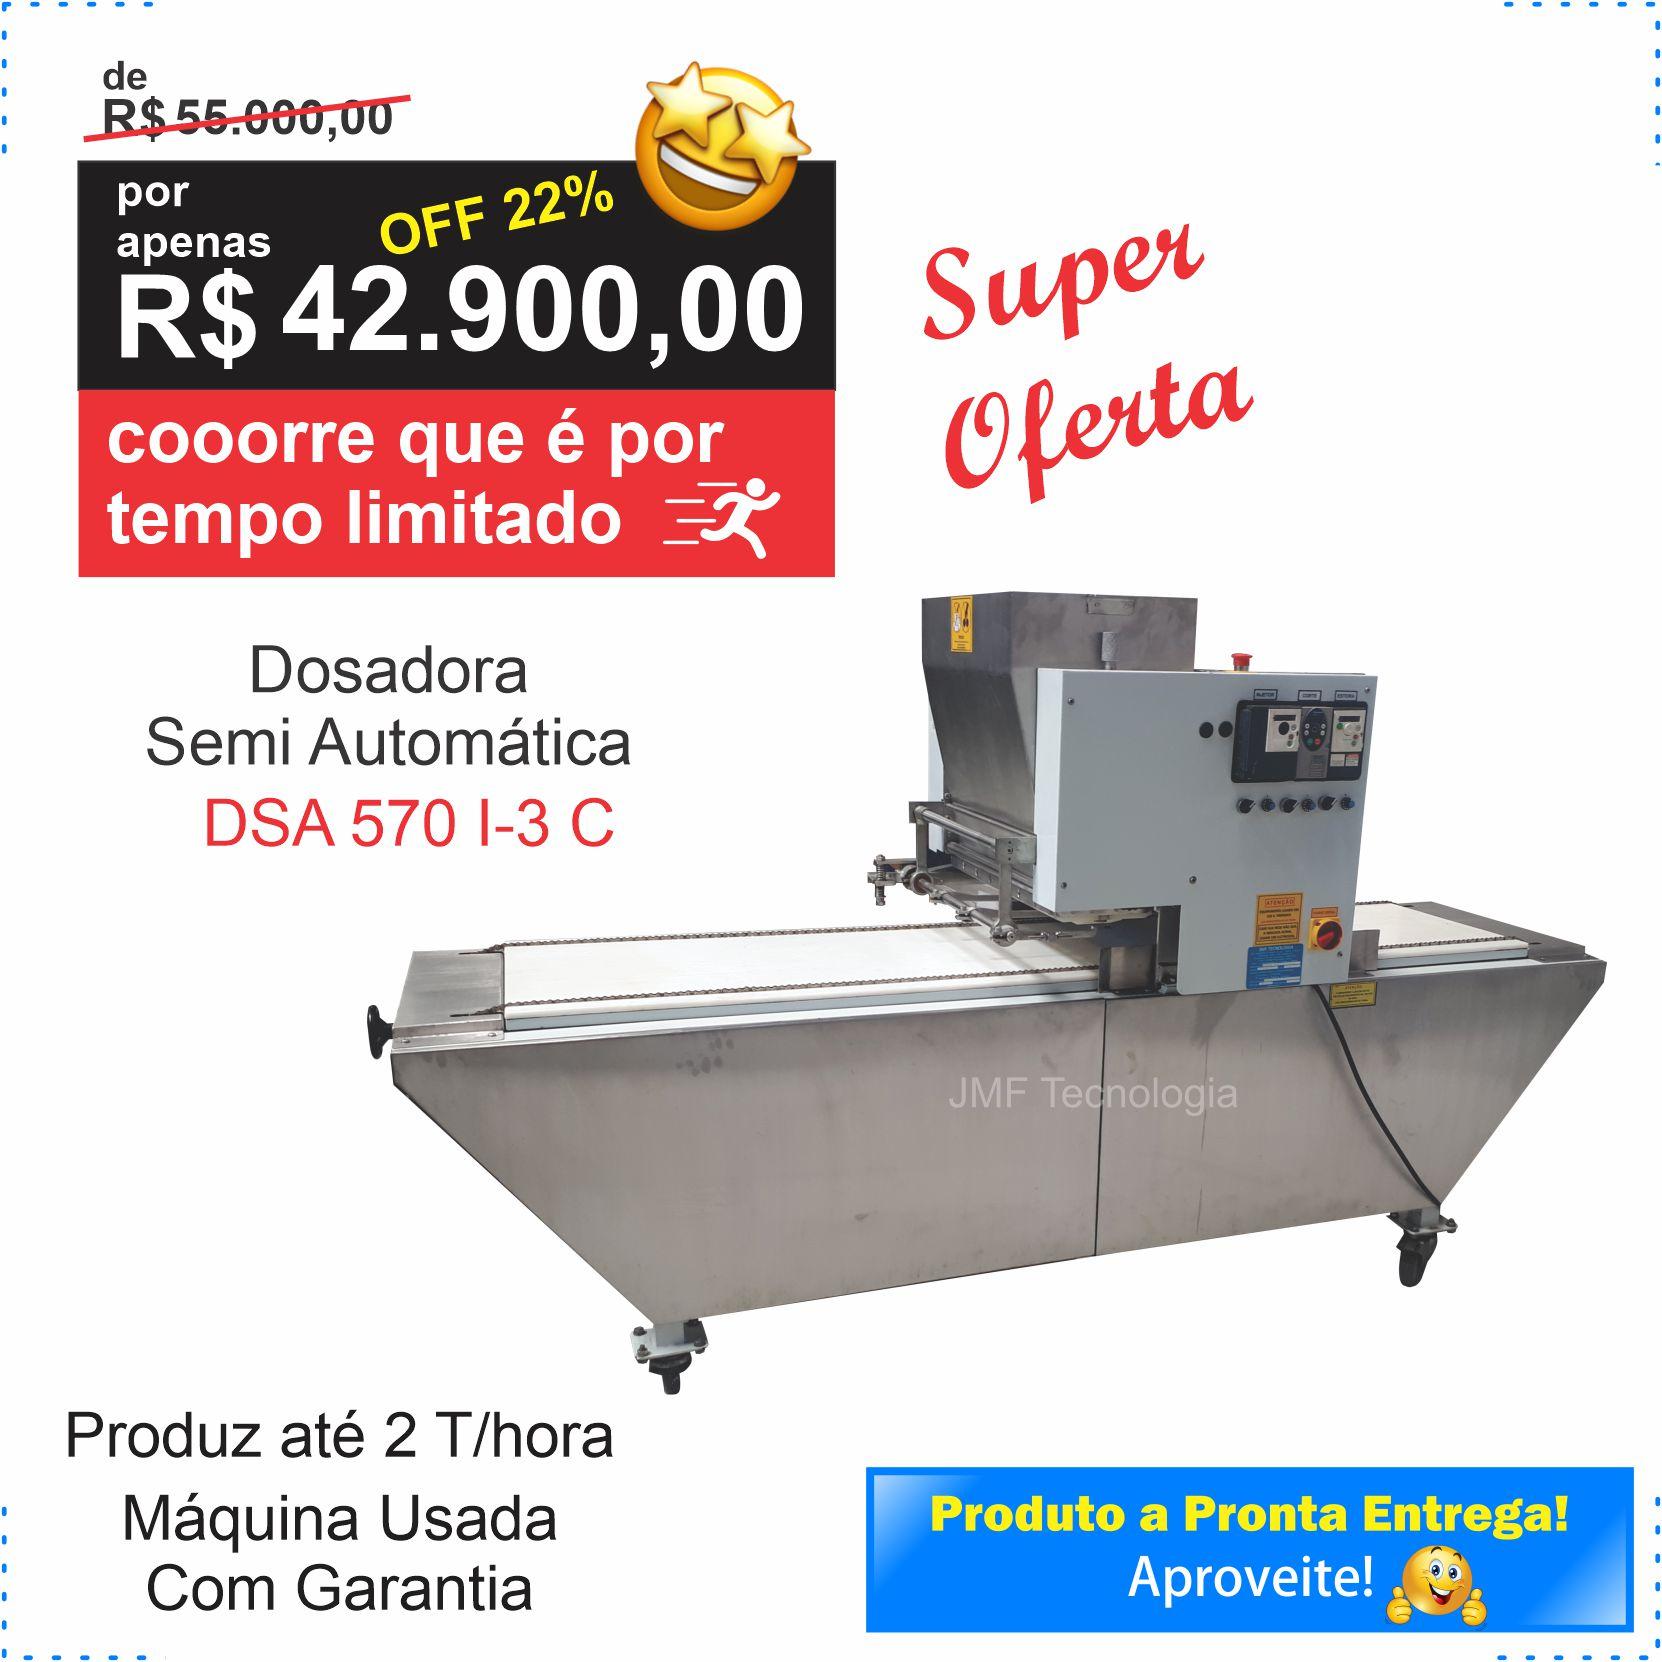 Dosadora Semi Automática (DSA 570 I-3 Convencional) – Usada